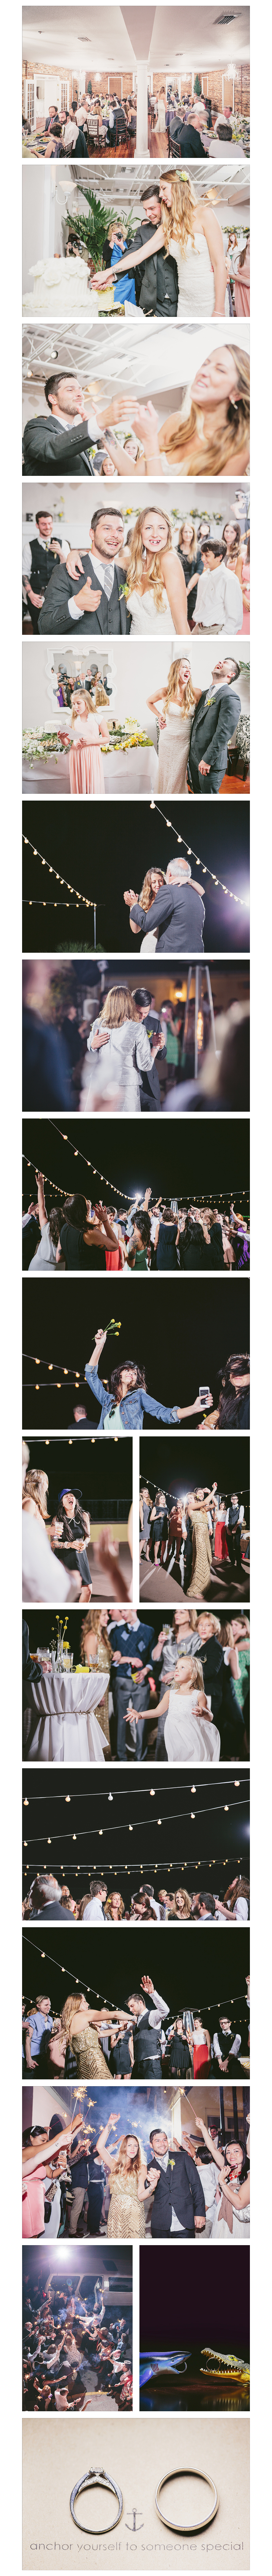 st augustine beach wedding 5.jpg